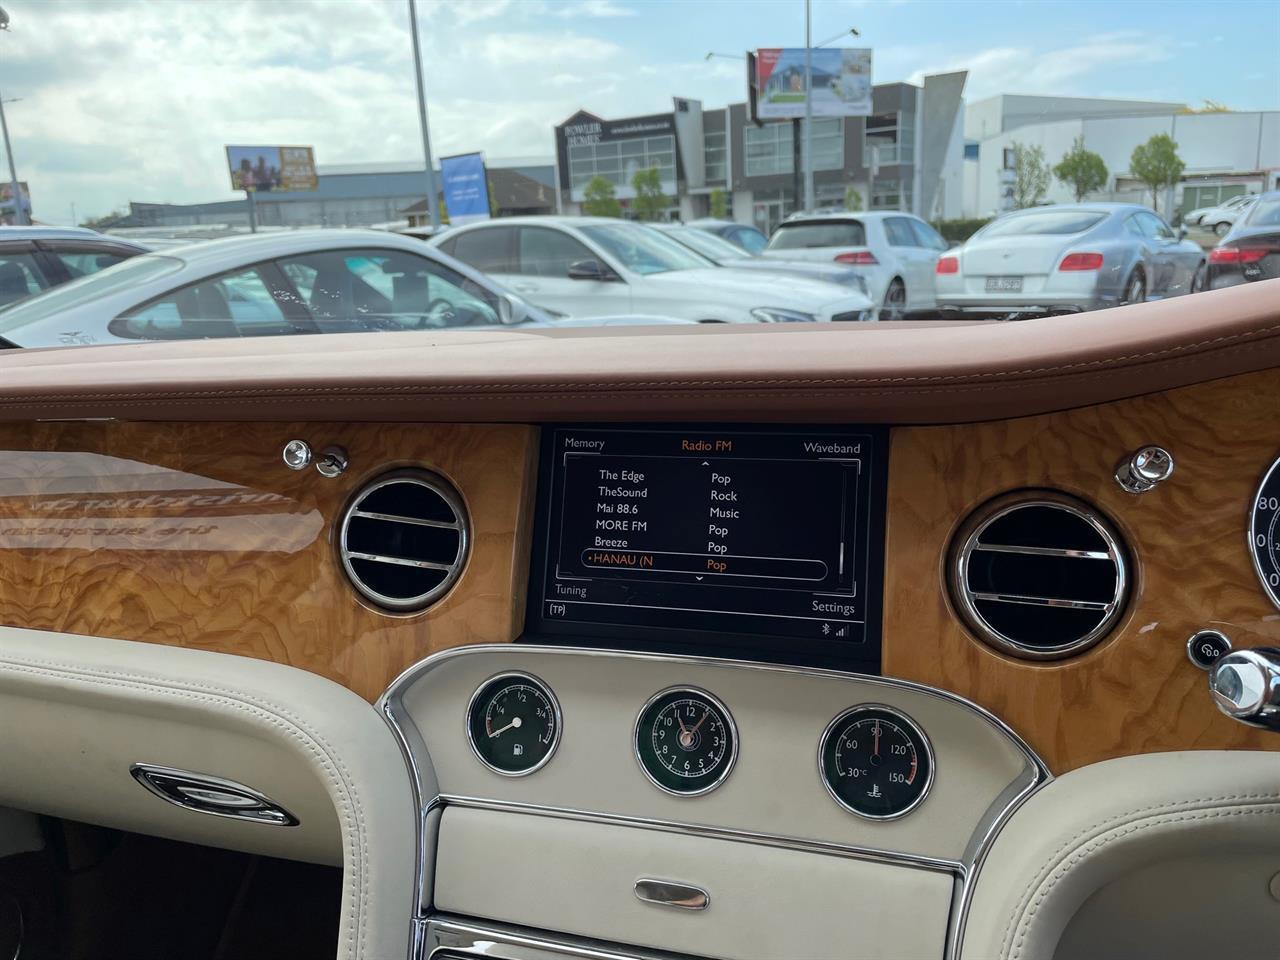 image-14, 2014 Bentley Mulsanne 6.7 V8 Turbo Mulliner at Christchurch